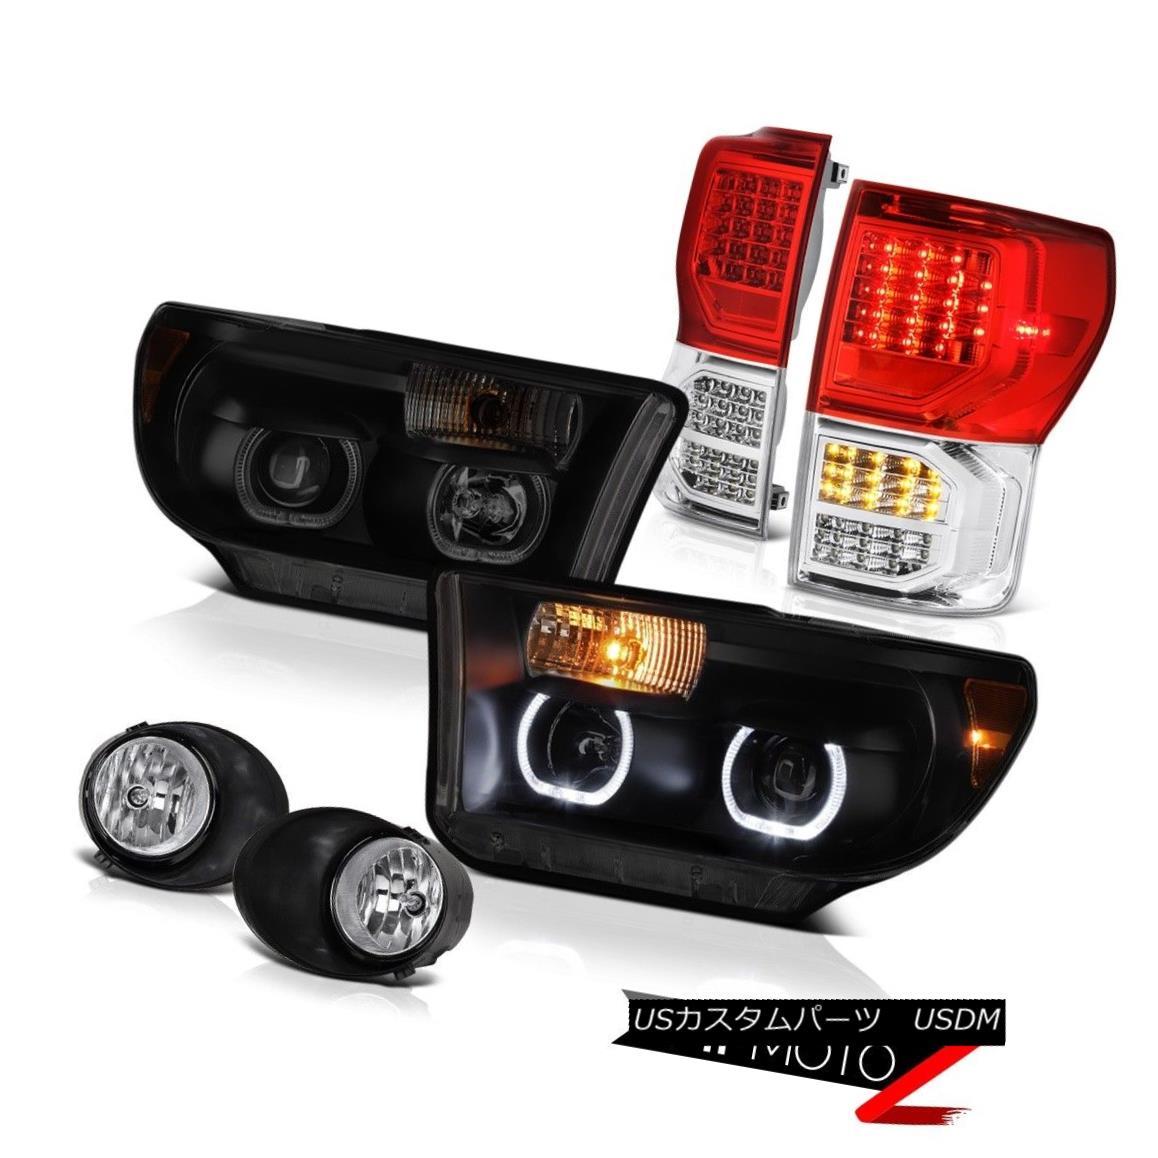 ヘッドライト 07-13 Toyota Tundra SR5 Rear Brake Lamps Projector Headlights Fog